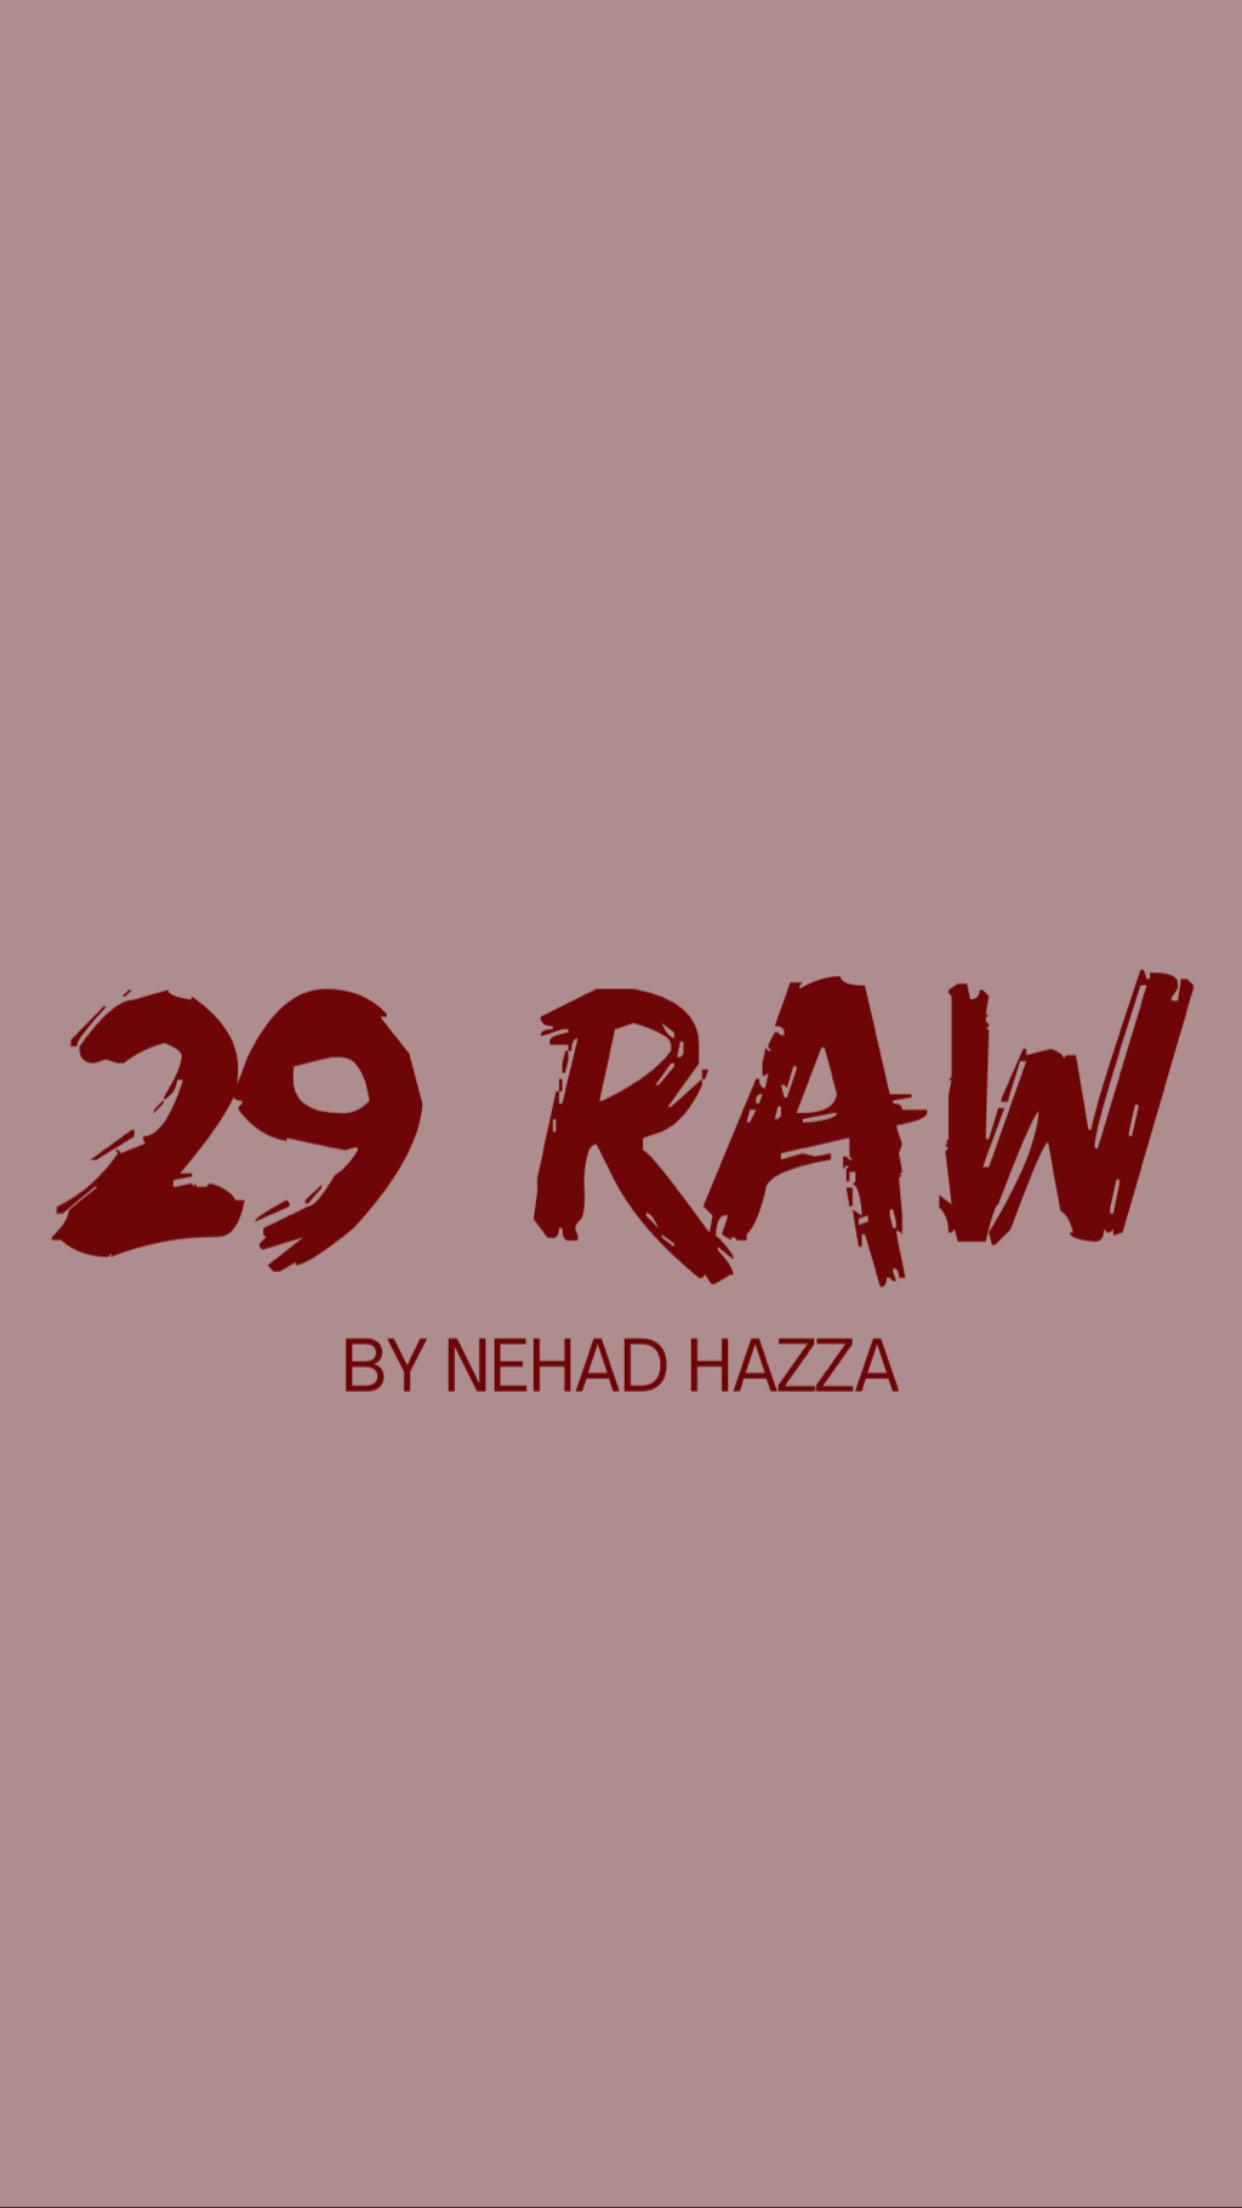 29 راو